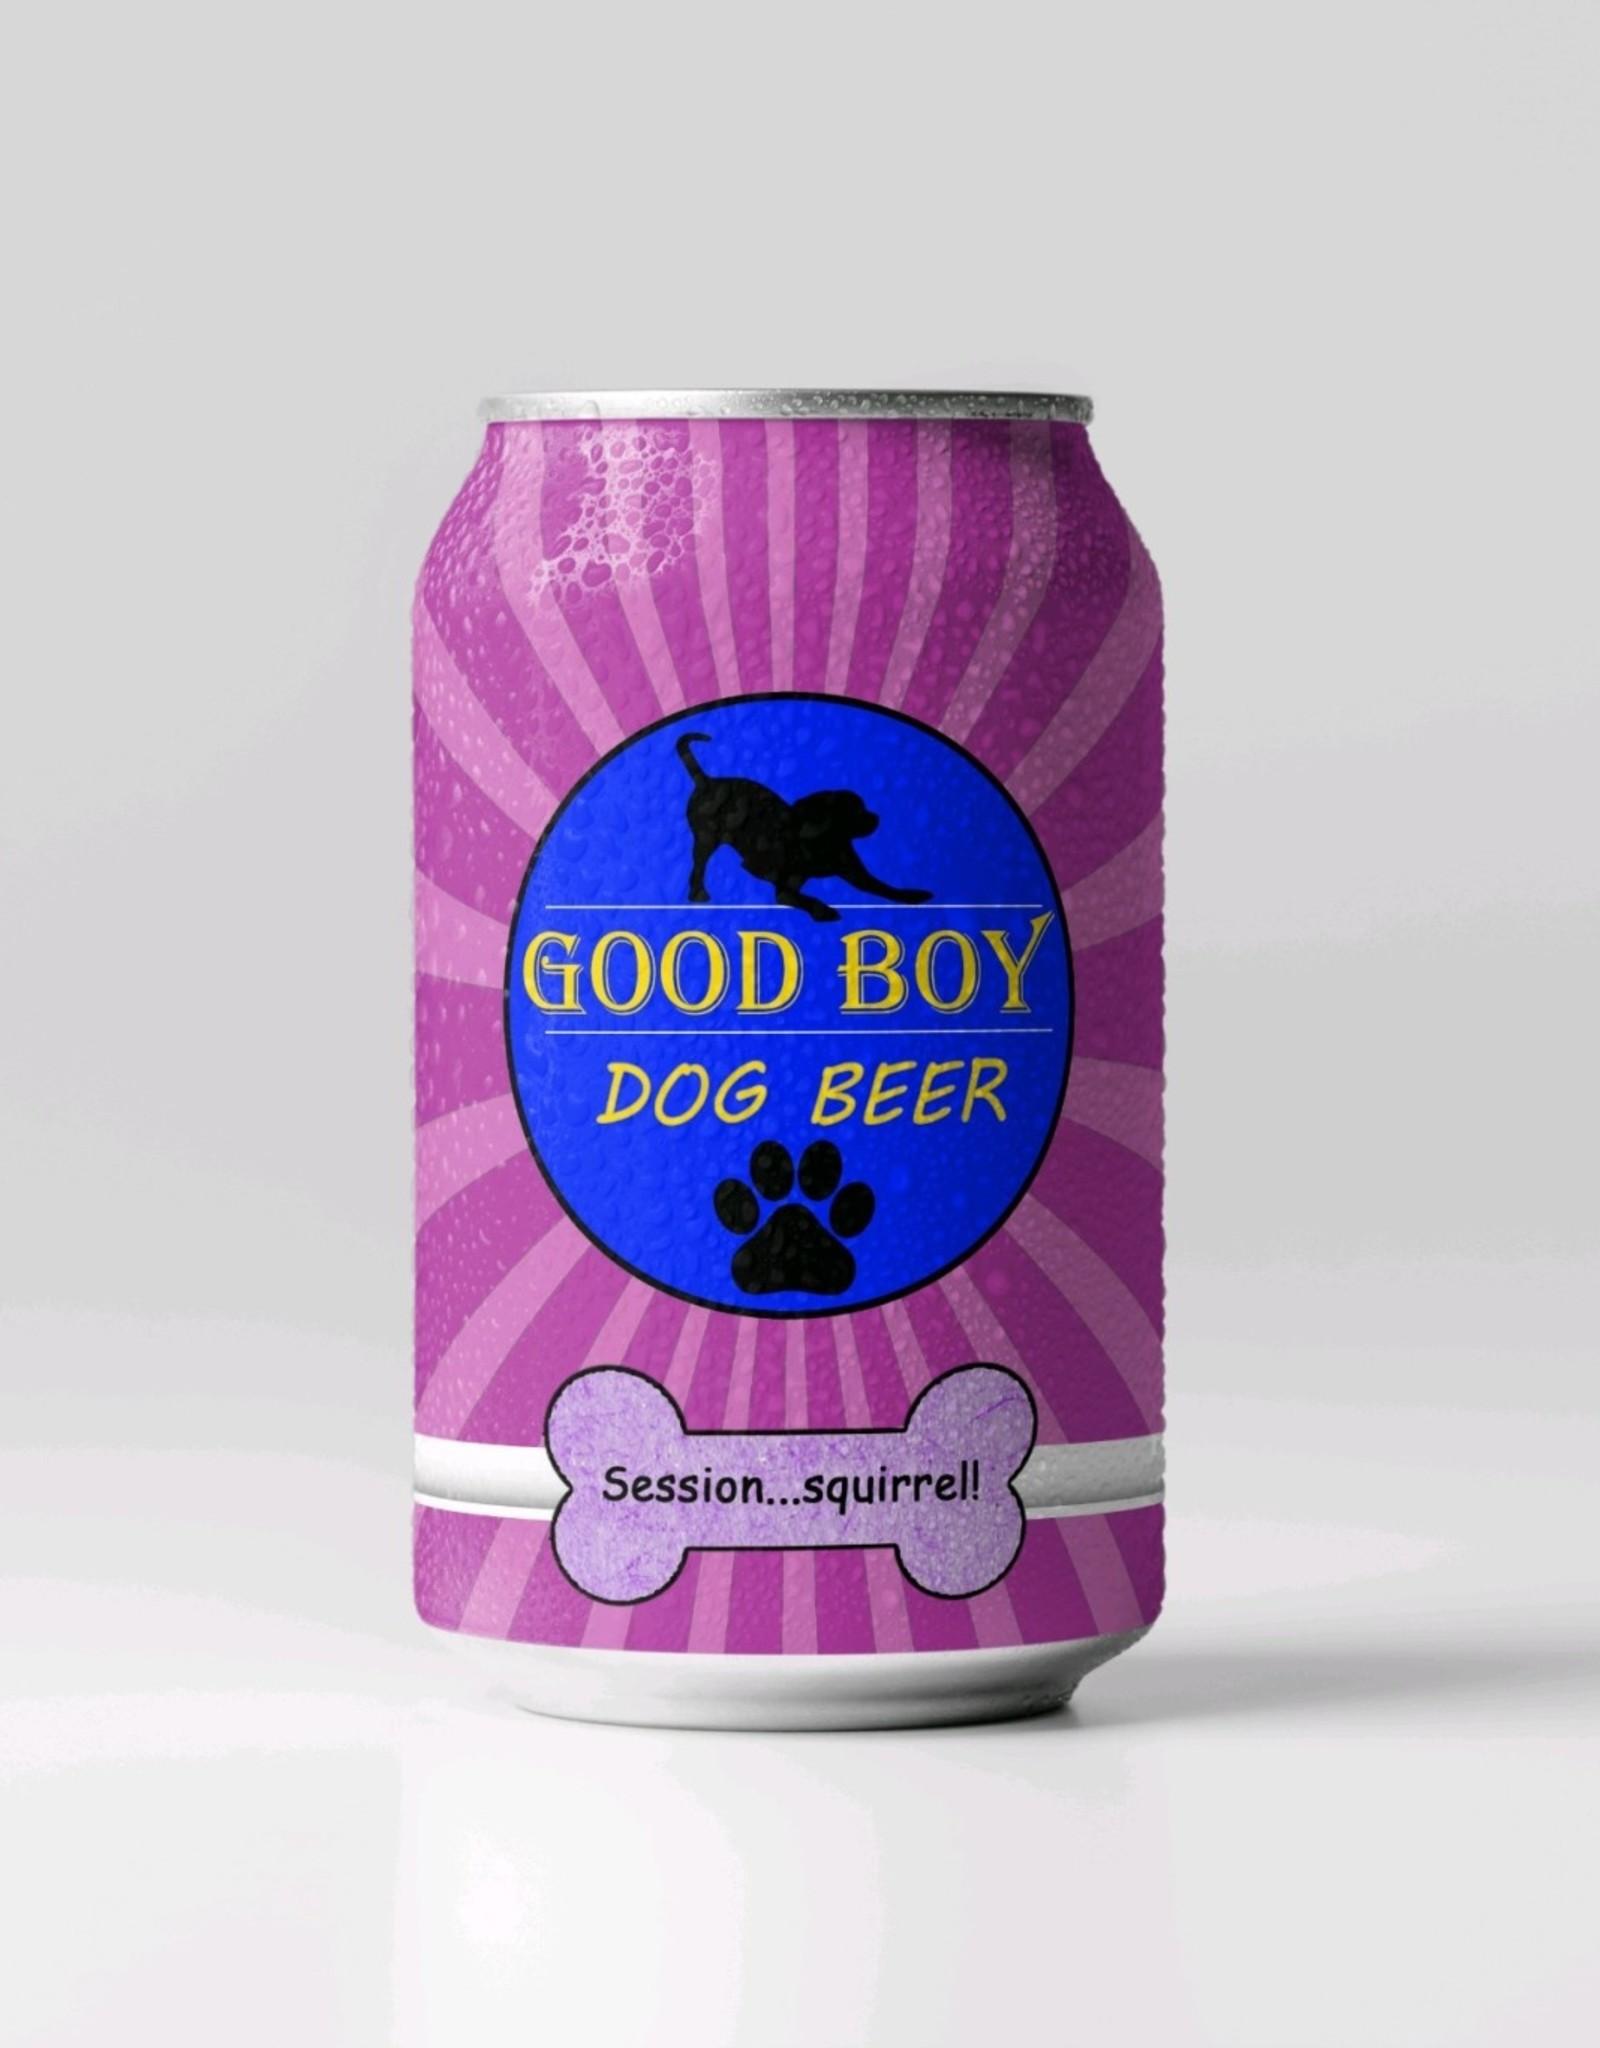 Good Boy Dog Beer Good Boy Dog Beer - Session...Squirrel!